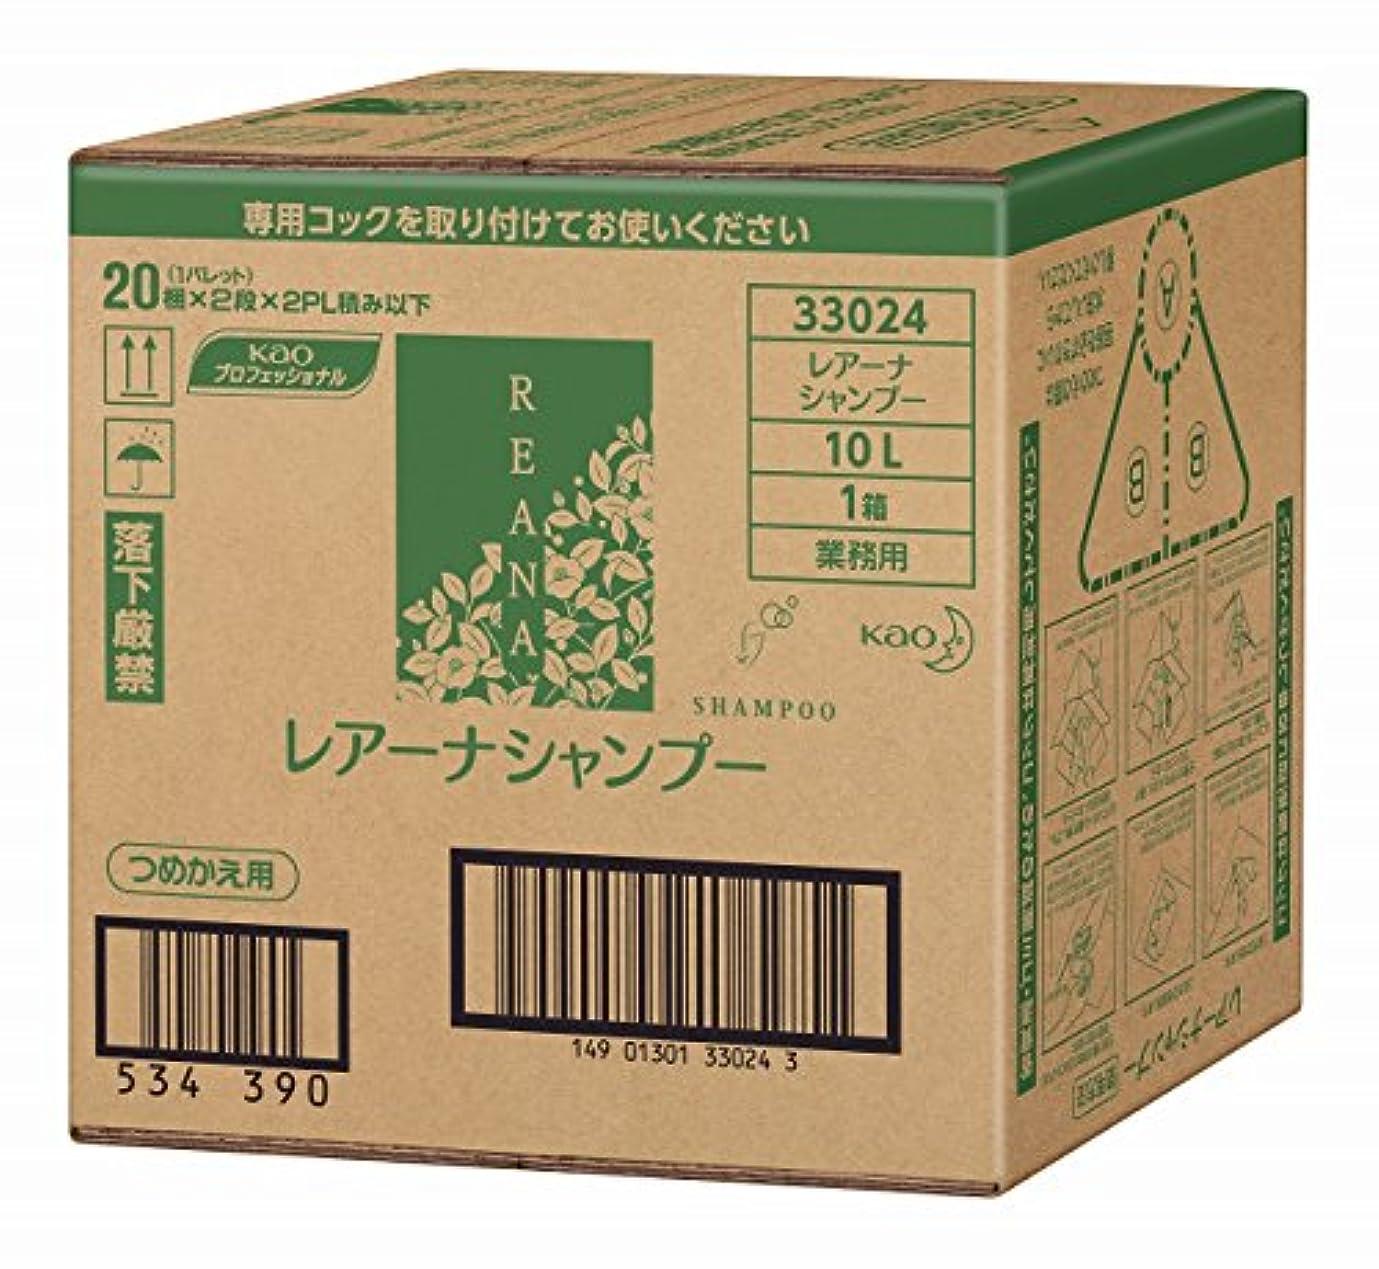 モザイクパイプコード花王 レアーナ シャンプー 10L